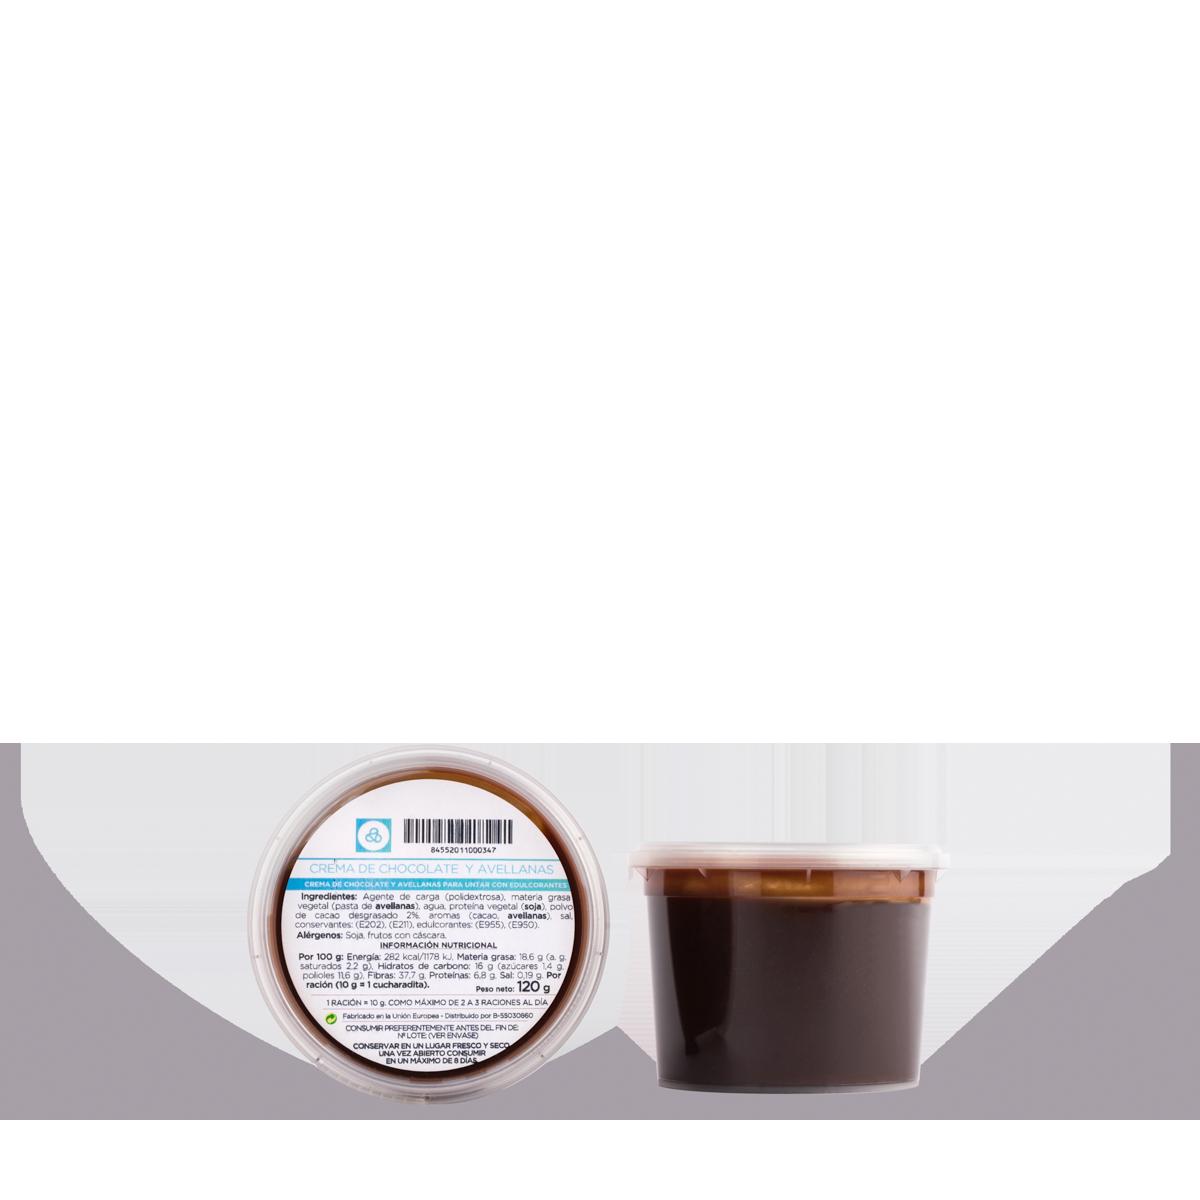 Crema de chocolate para untar